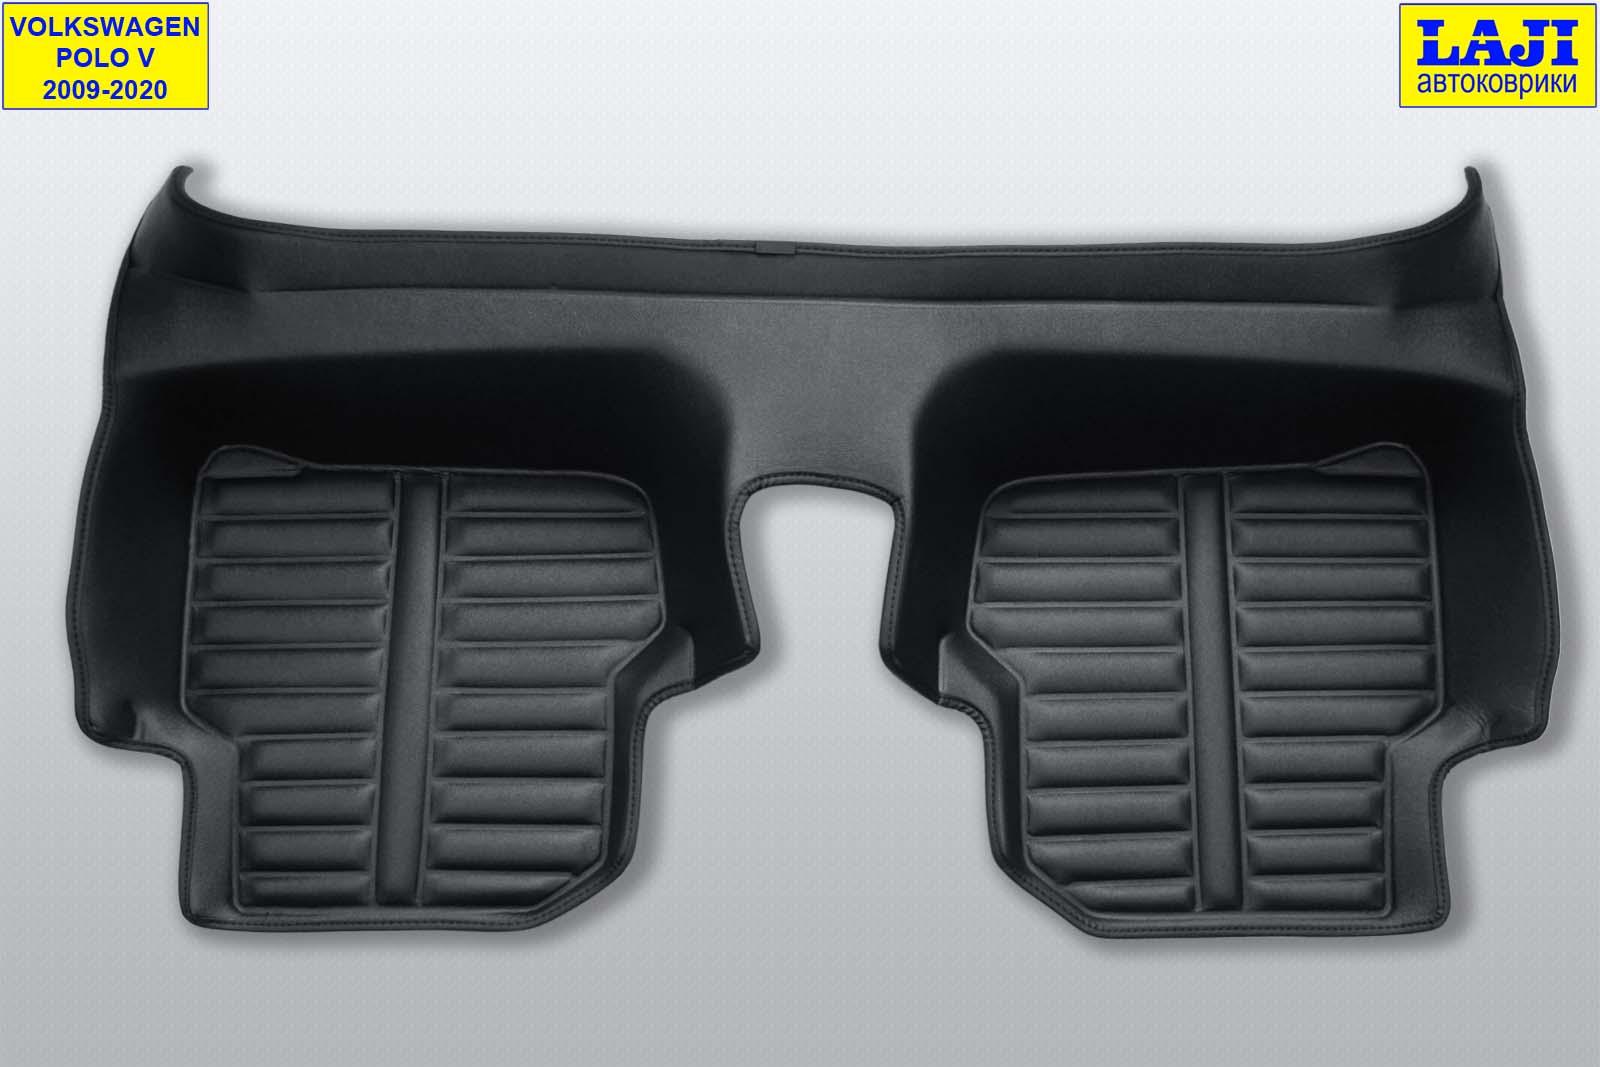 5D коврики в салон Volkswagen Polo 5 2009-2020 9